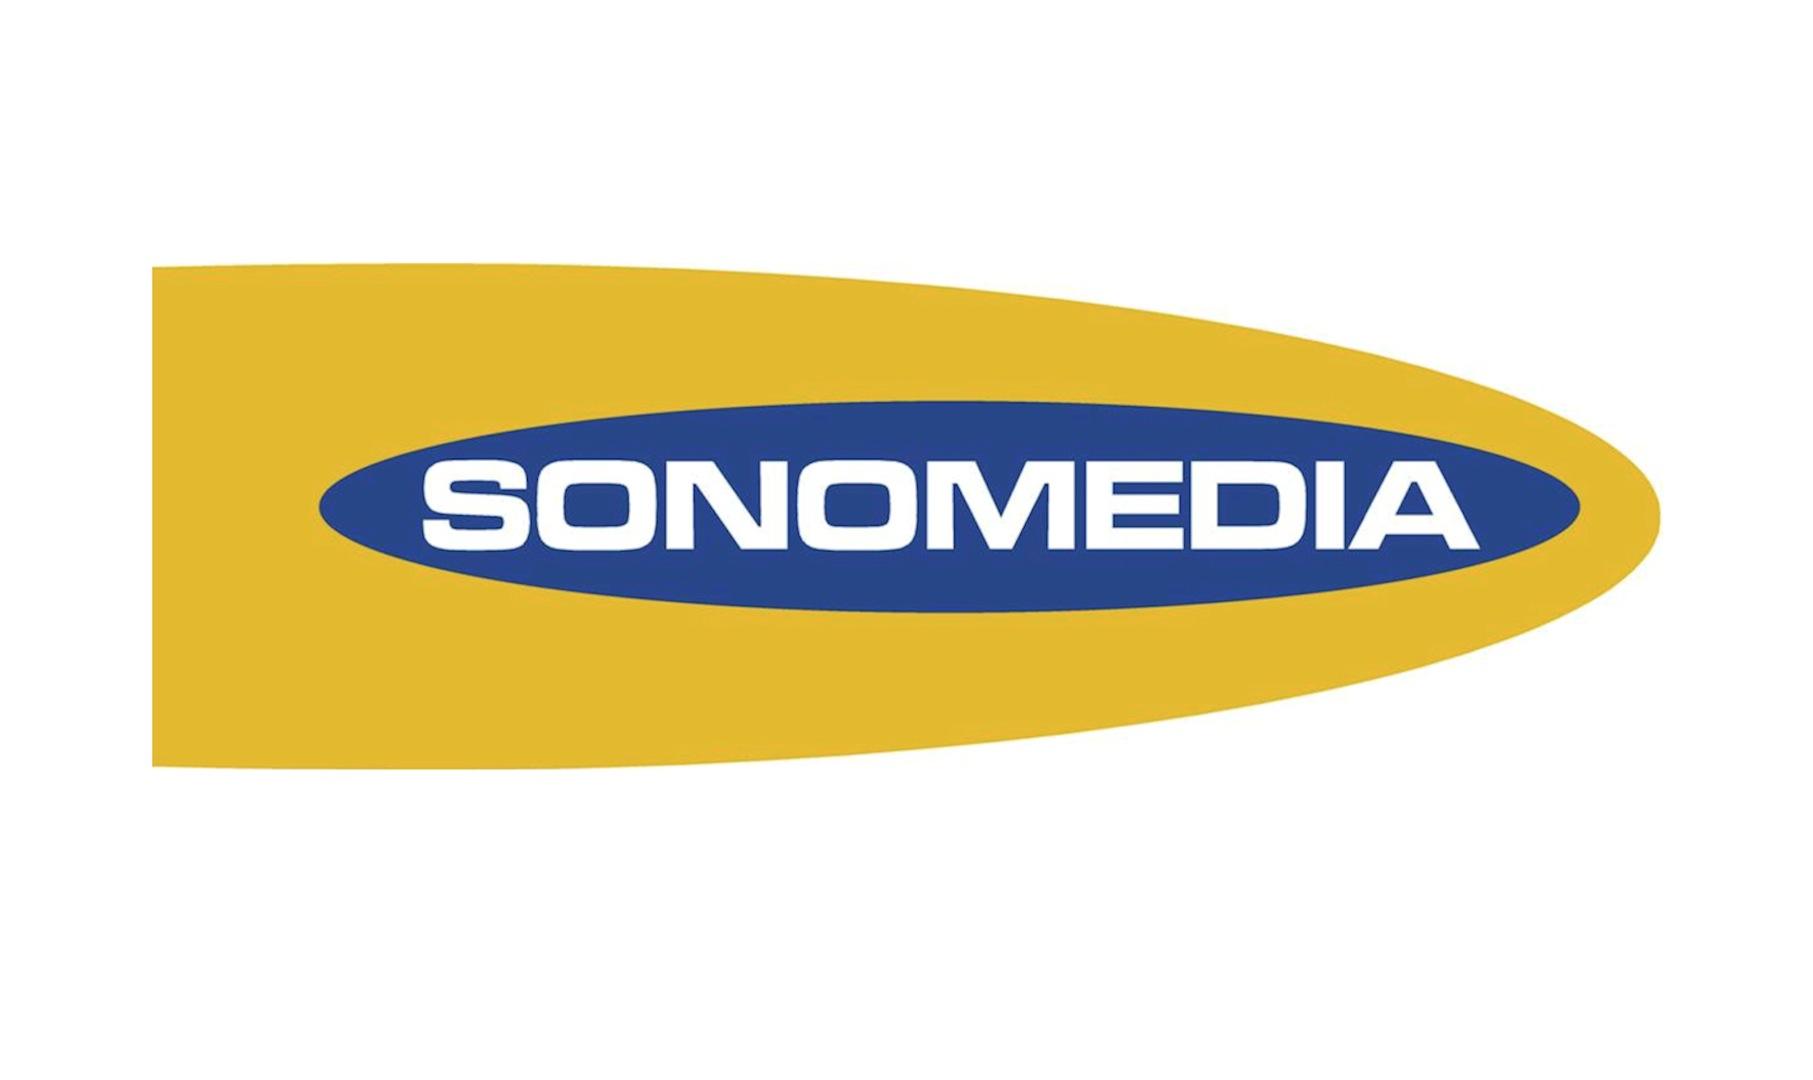 sonomedia